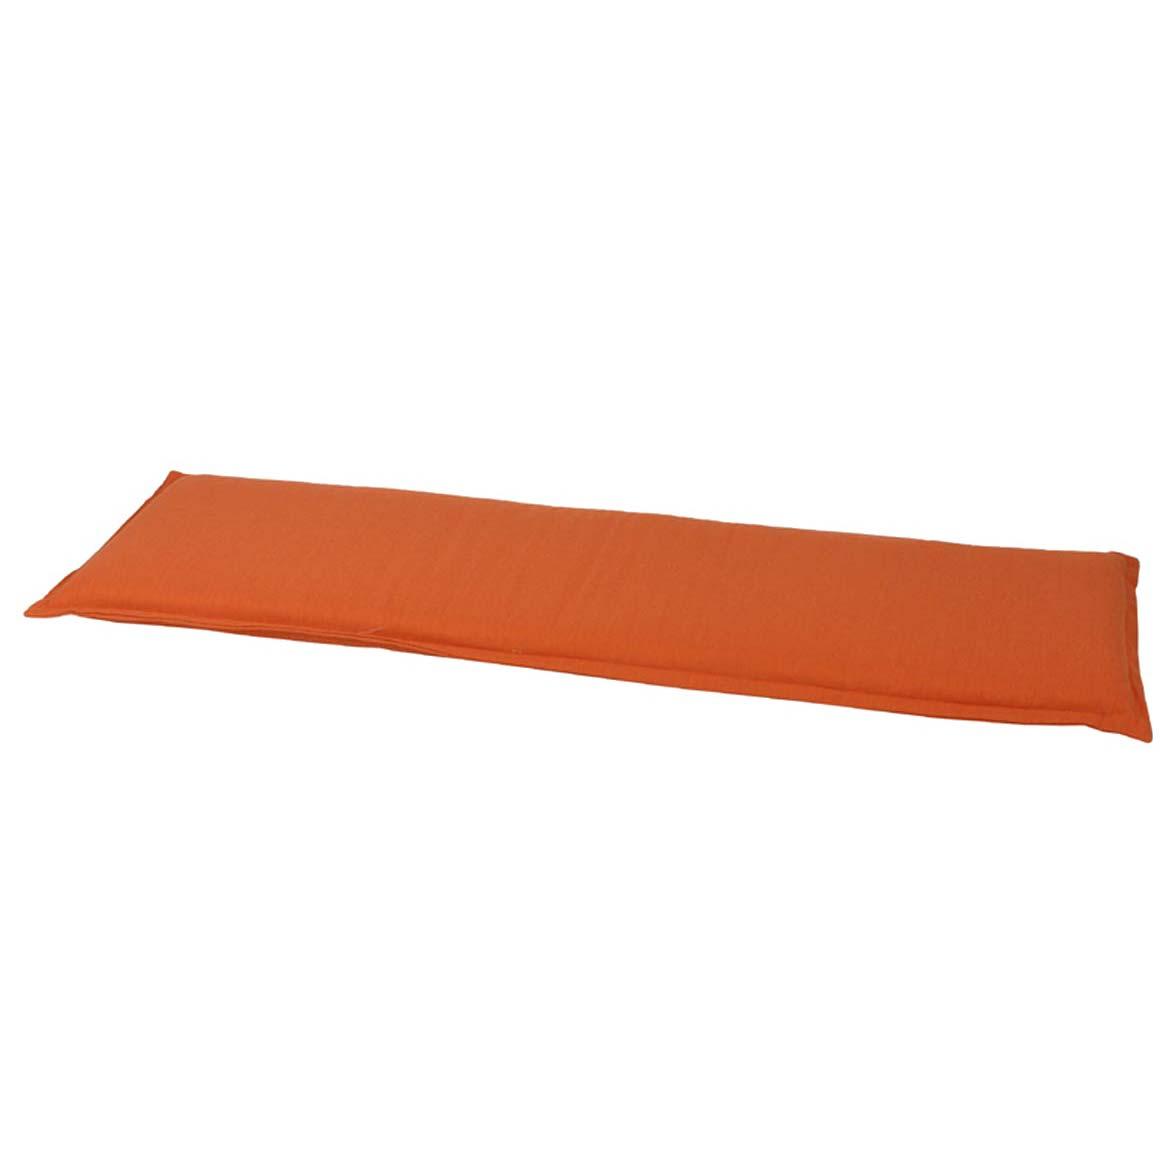 Auflage bank 148cm - Bertogne orange